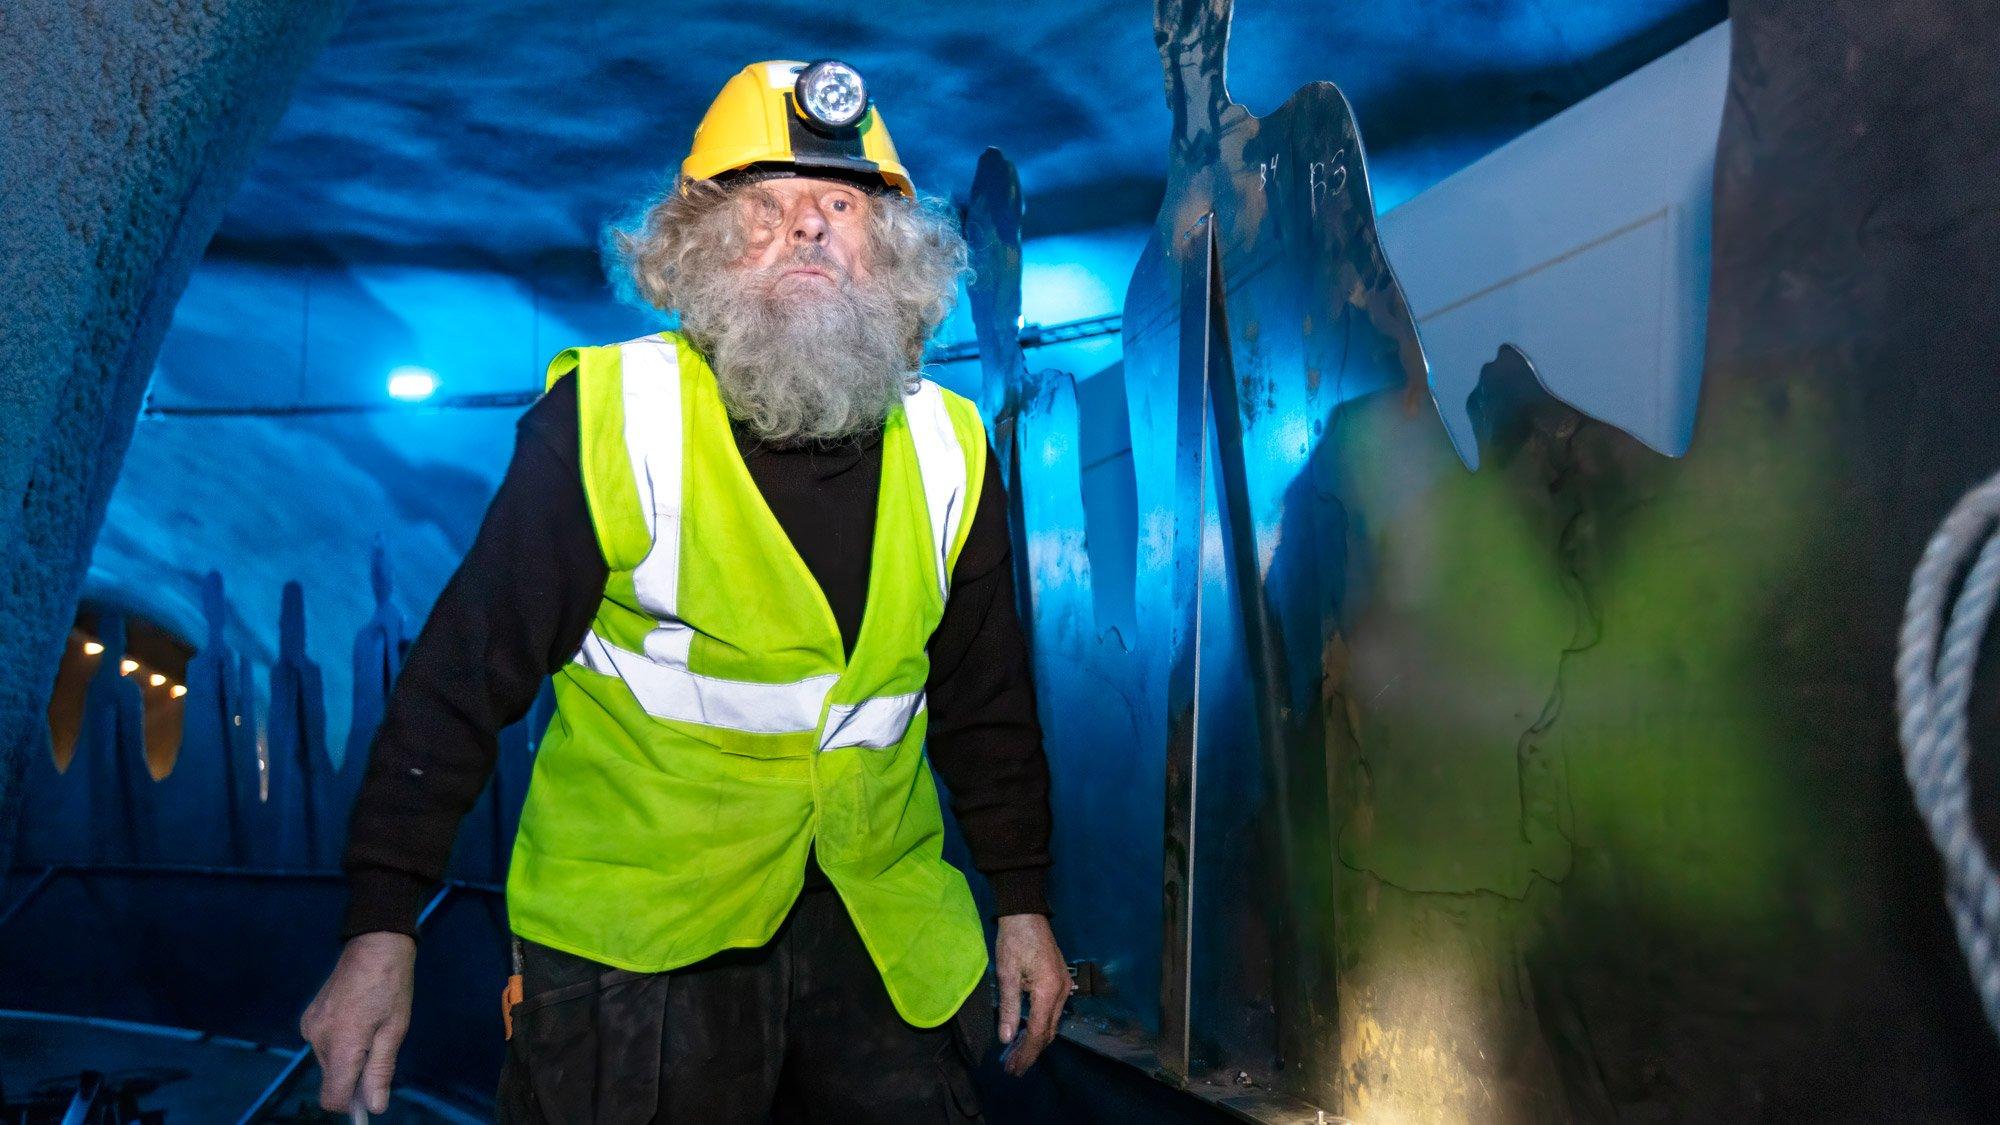 هنرمند مجسمهساز تونل زیردریایی دانمارک